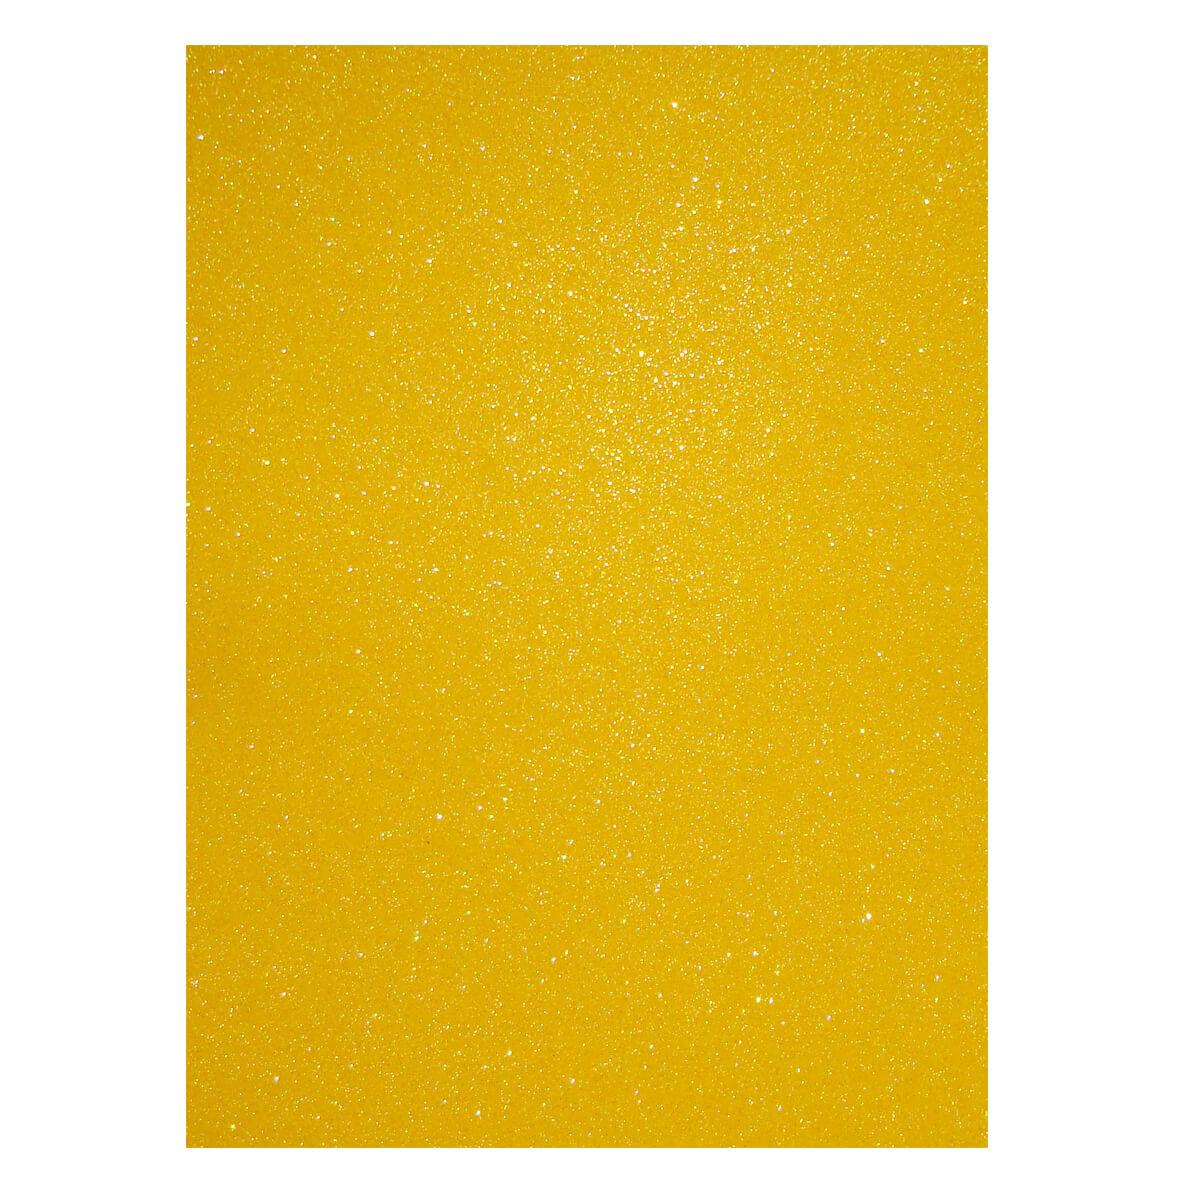 Primavera Amarillo Mango